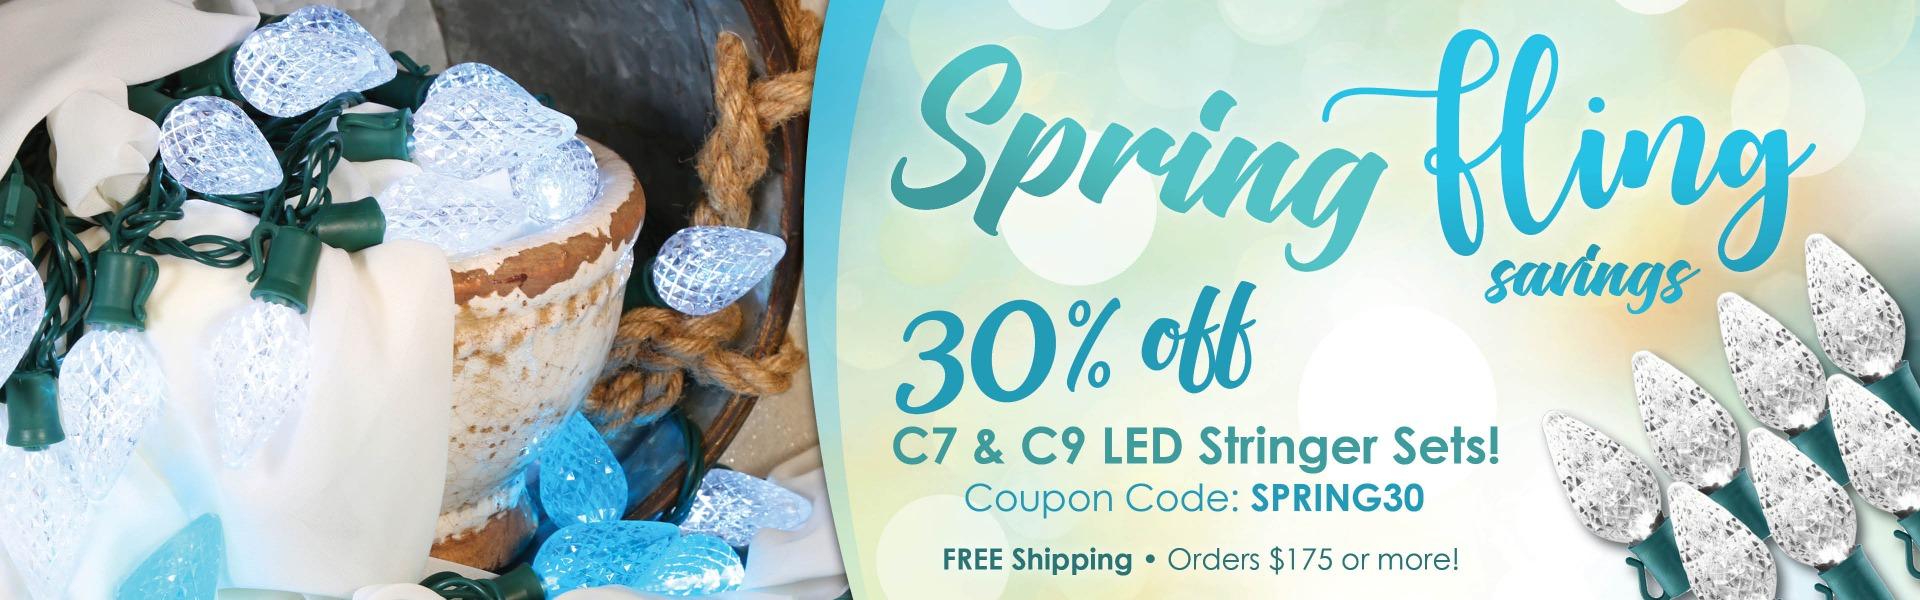 Shop Now! Save 30% on C9 Stringer Sets.